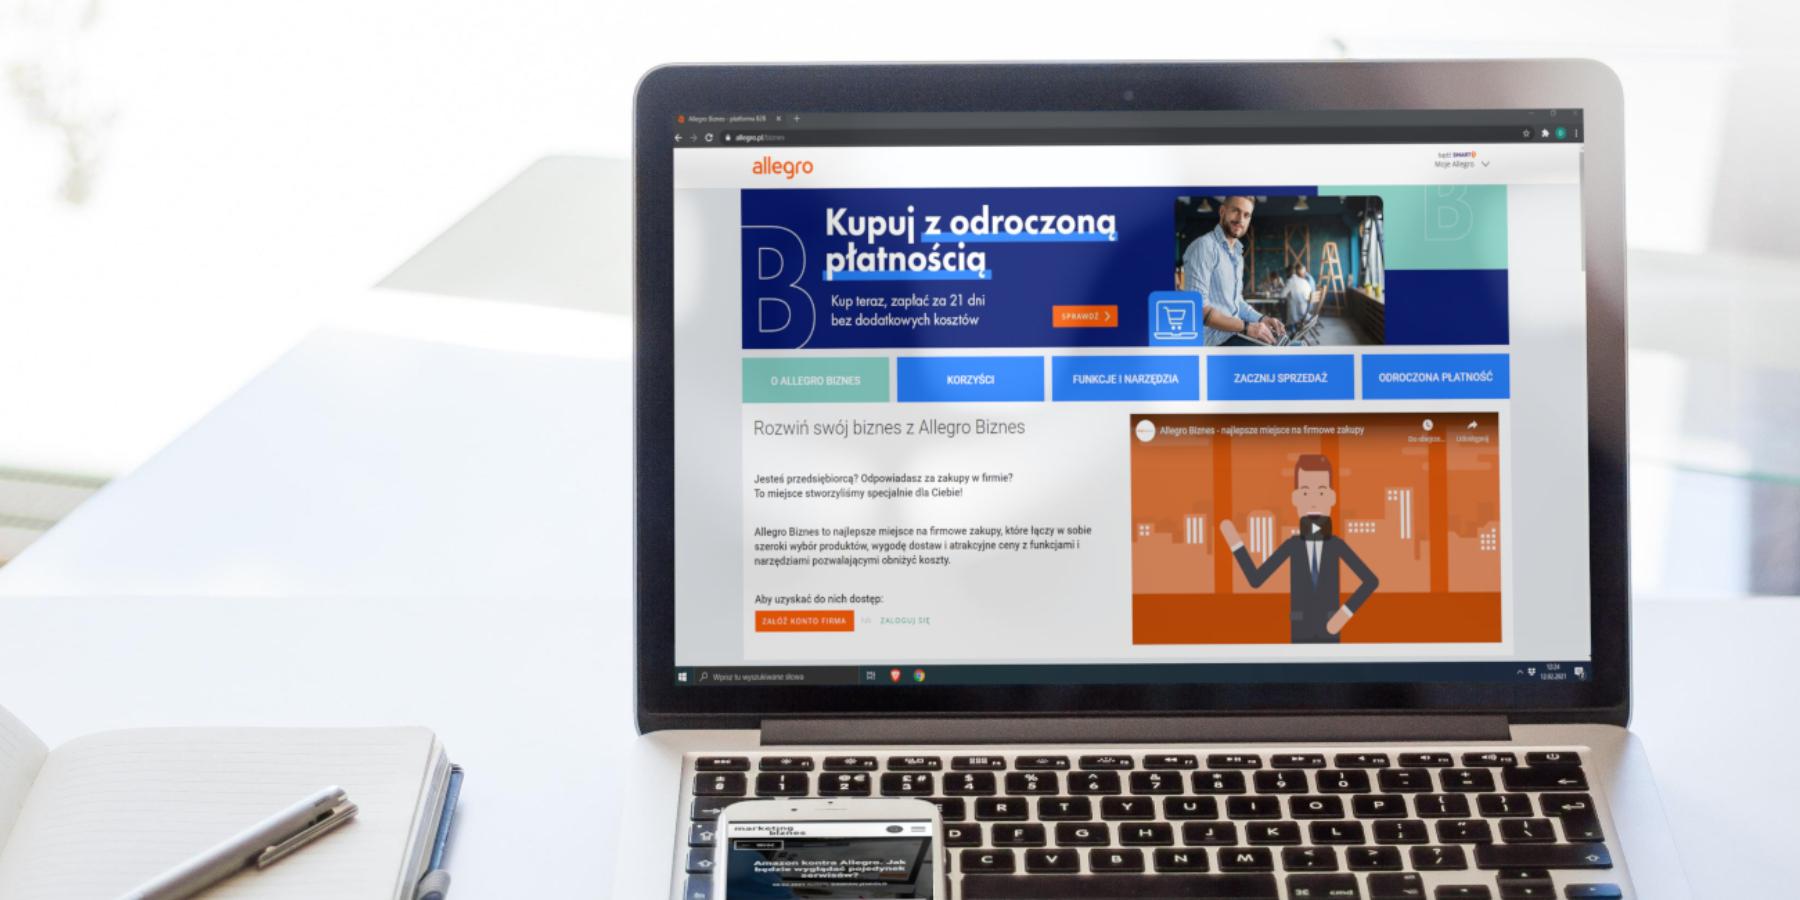 Platforma Allegro Biznes Juz Dziala Zmiany Dla Kupujacych I Sprzedajacych Marketing I Biznes